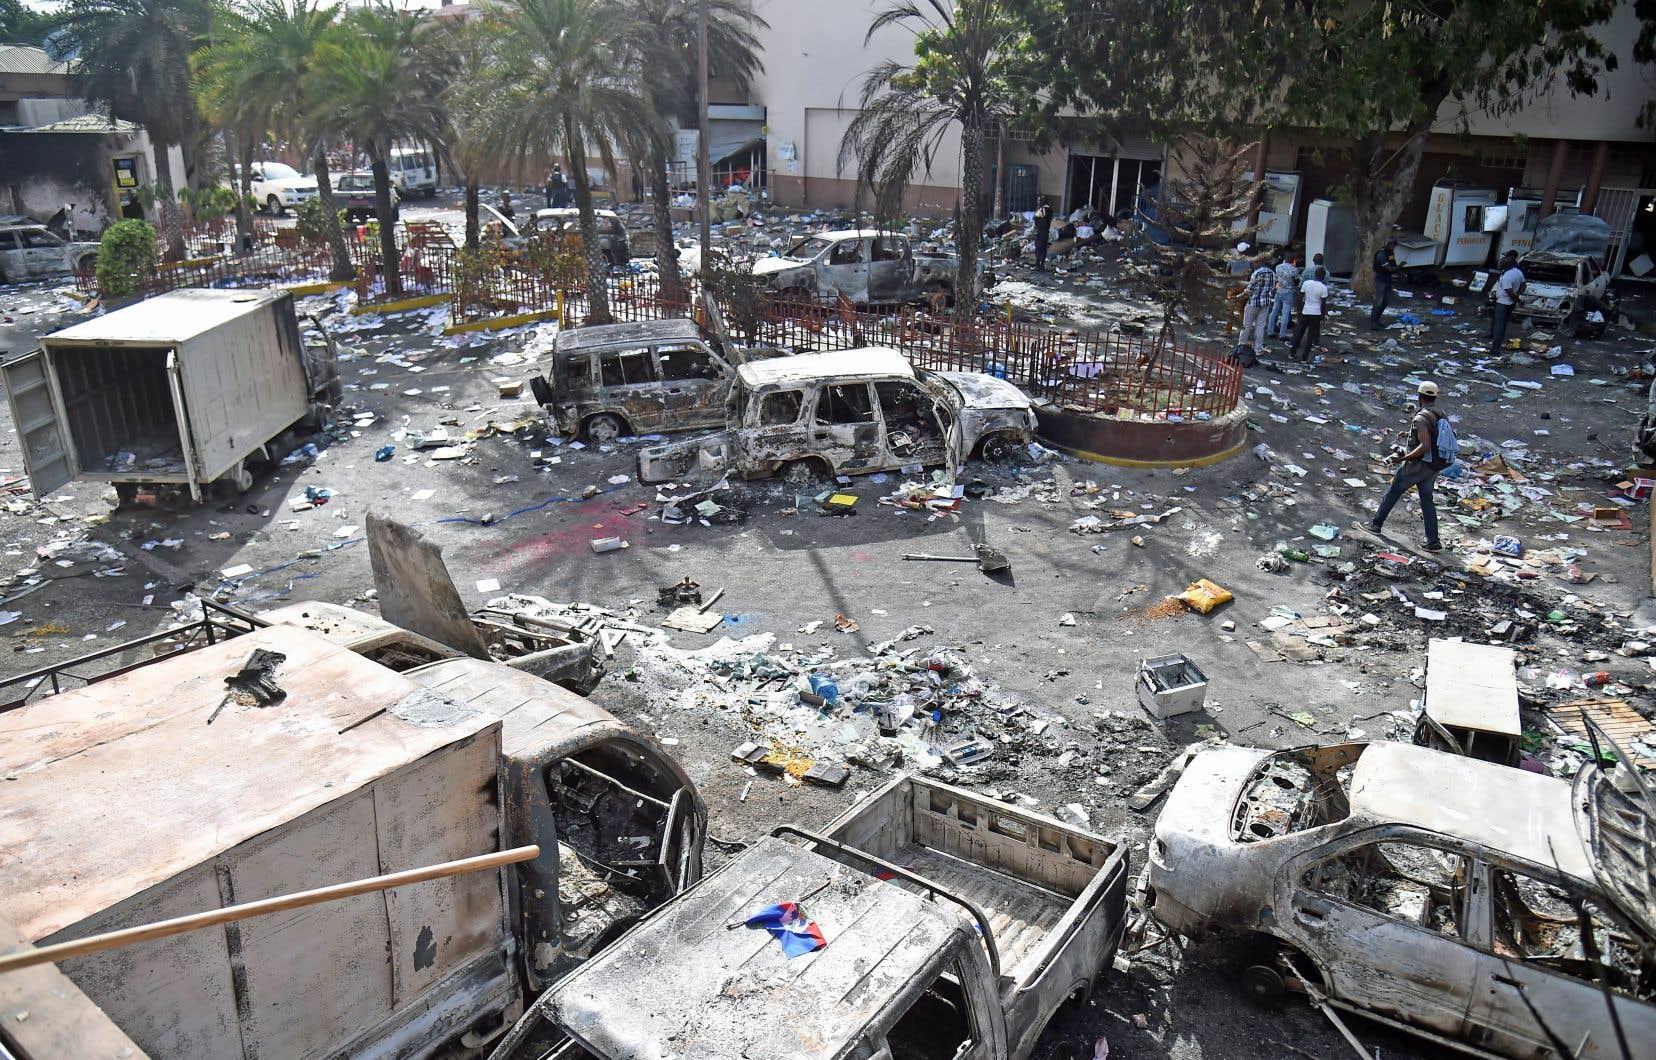 La décision du gouvernement haïtien d'augmenter le prix des carburants a déclenché de vives violences dans la capitale.